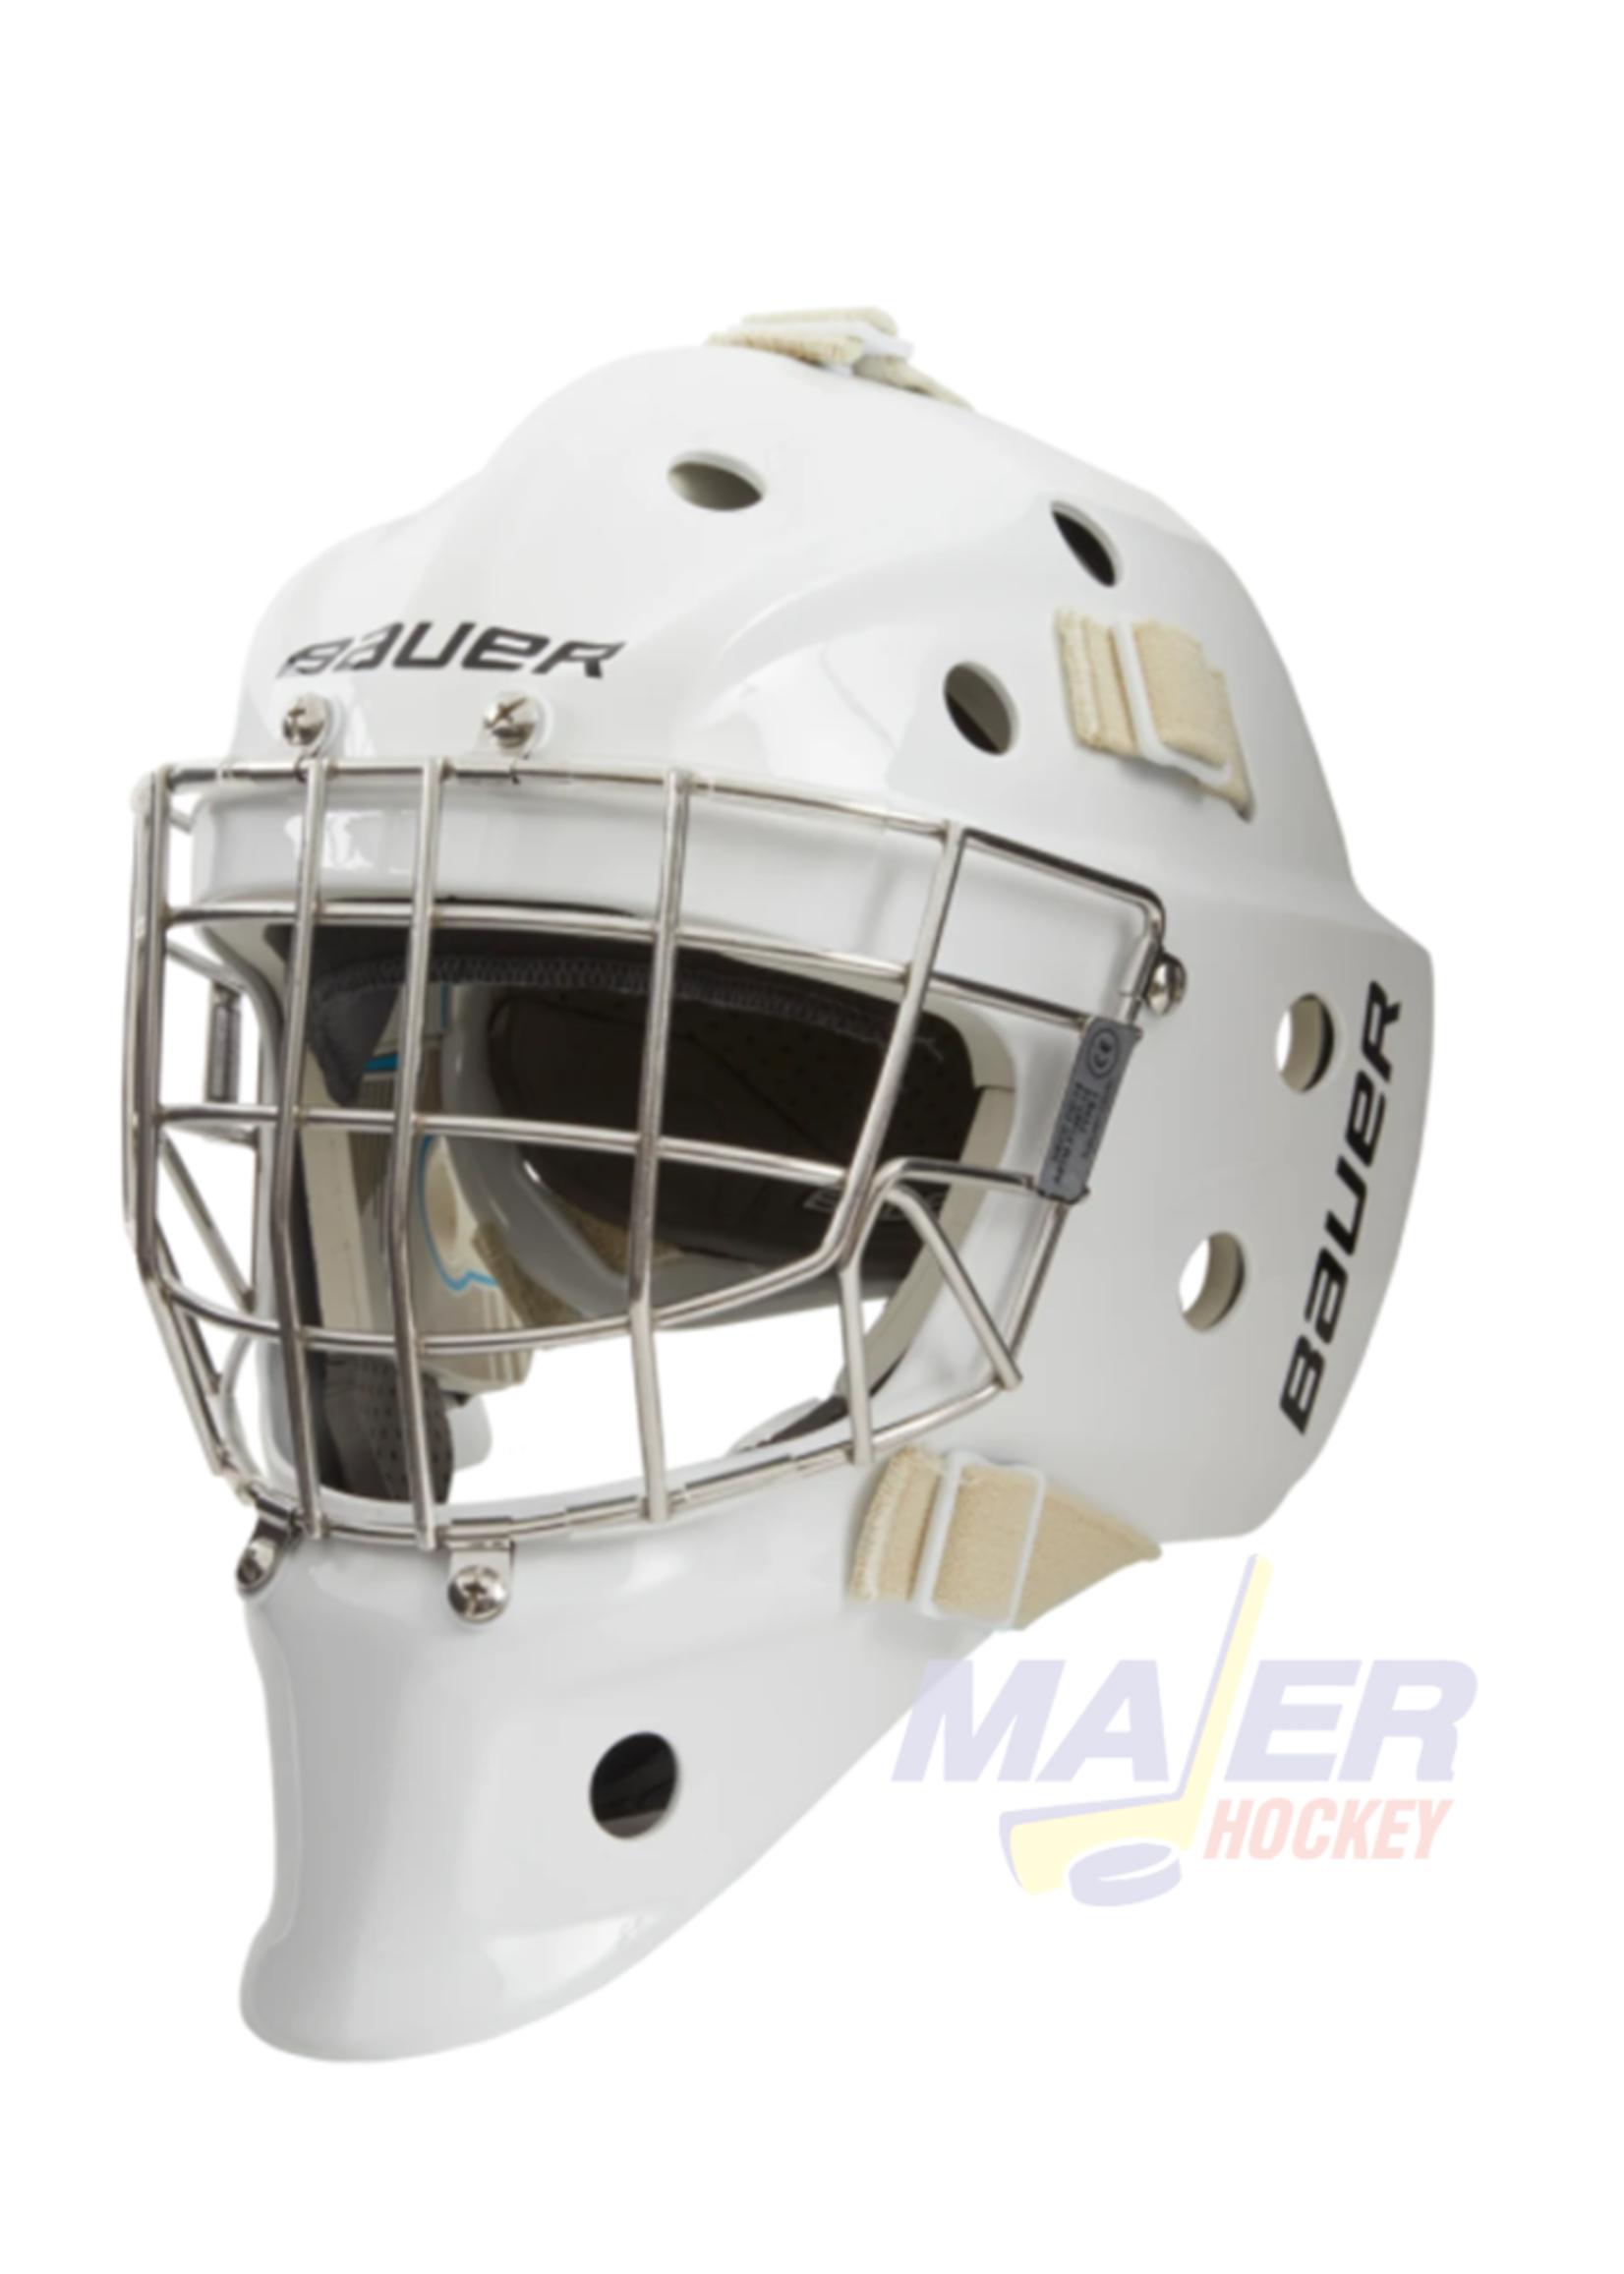 Bauer 940 Sr Goalie Mask